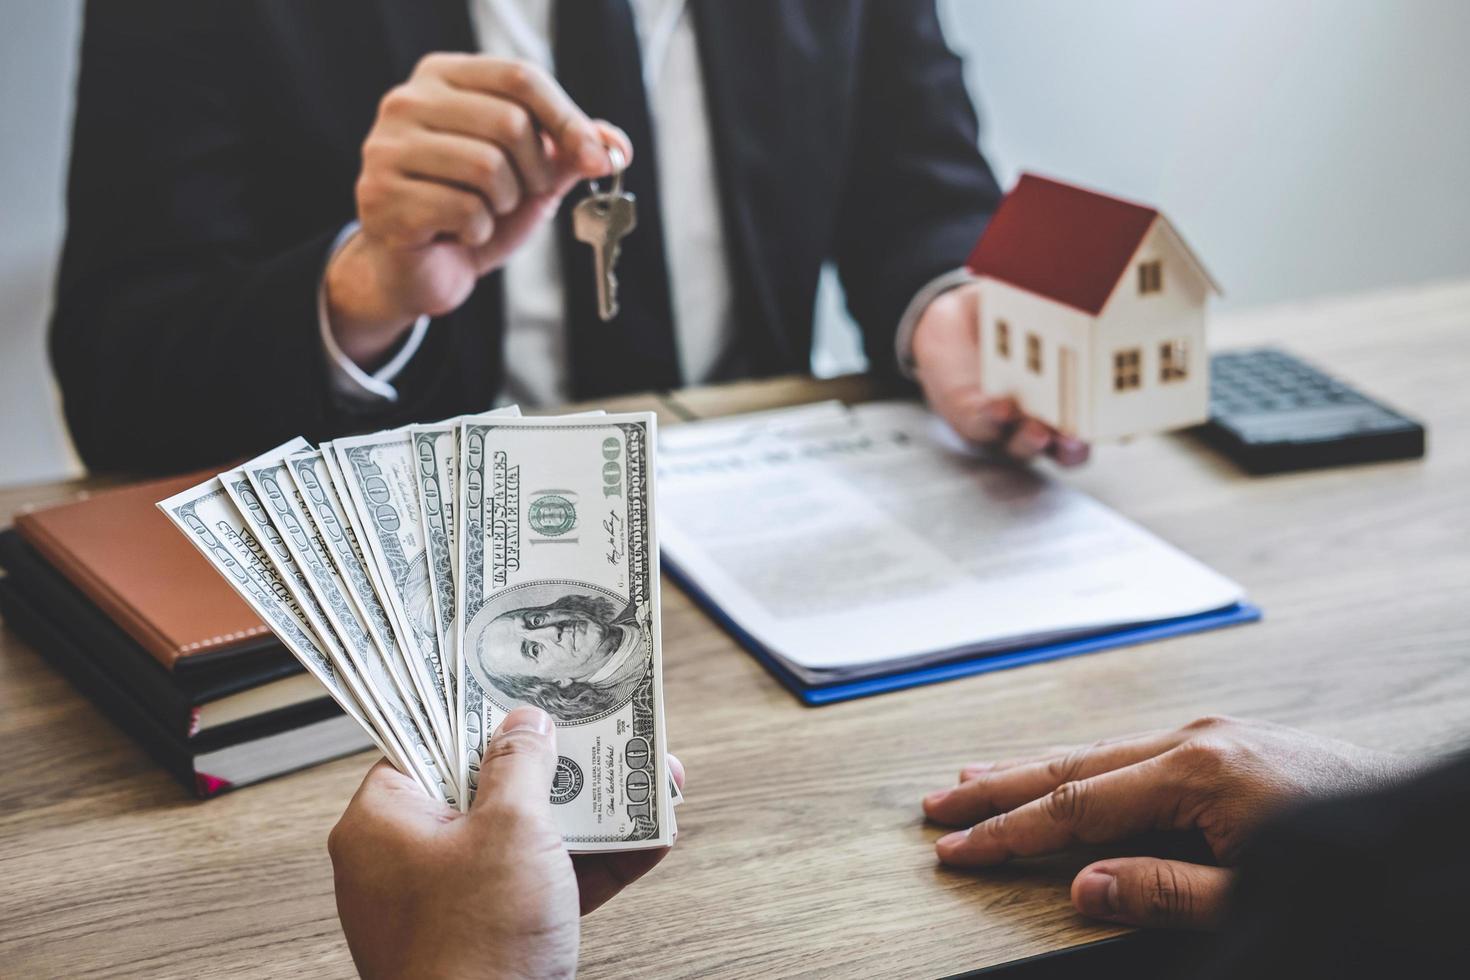 agente immobiliare scambia chiave di casa per il pagamento foto